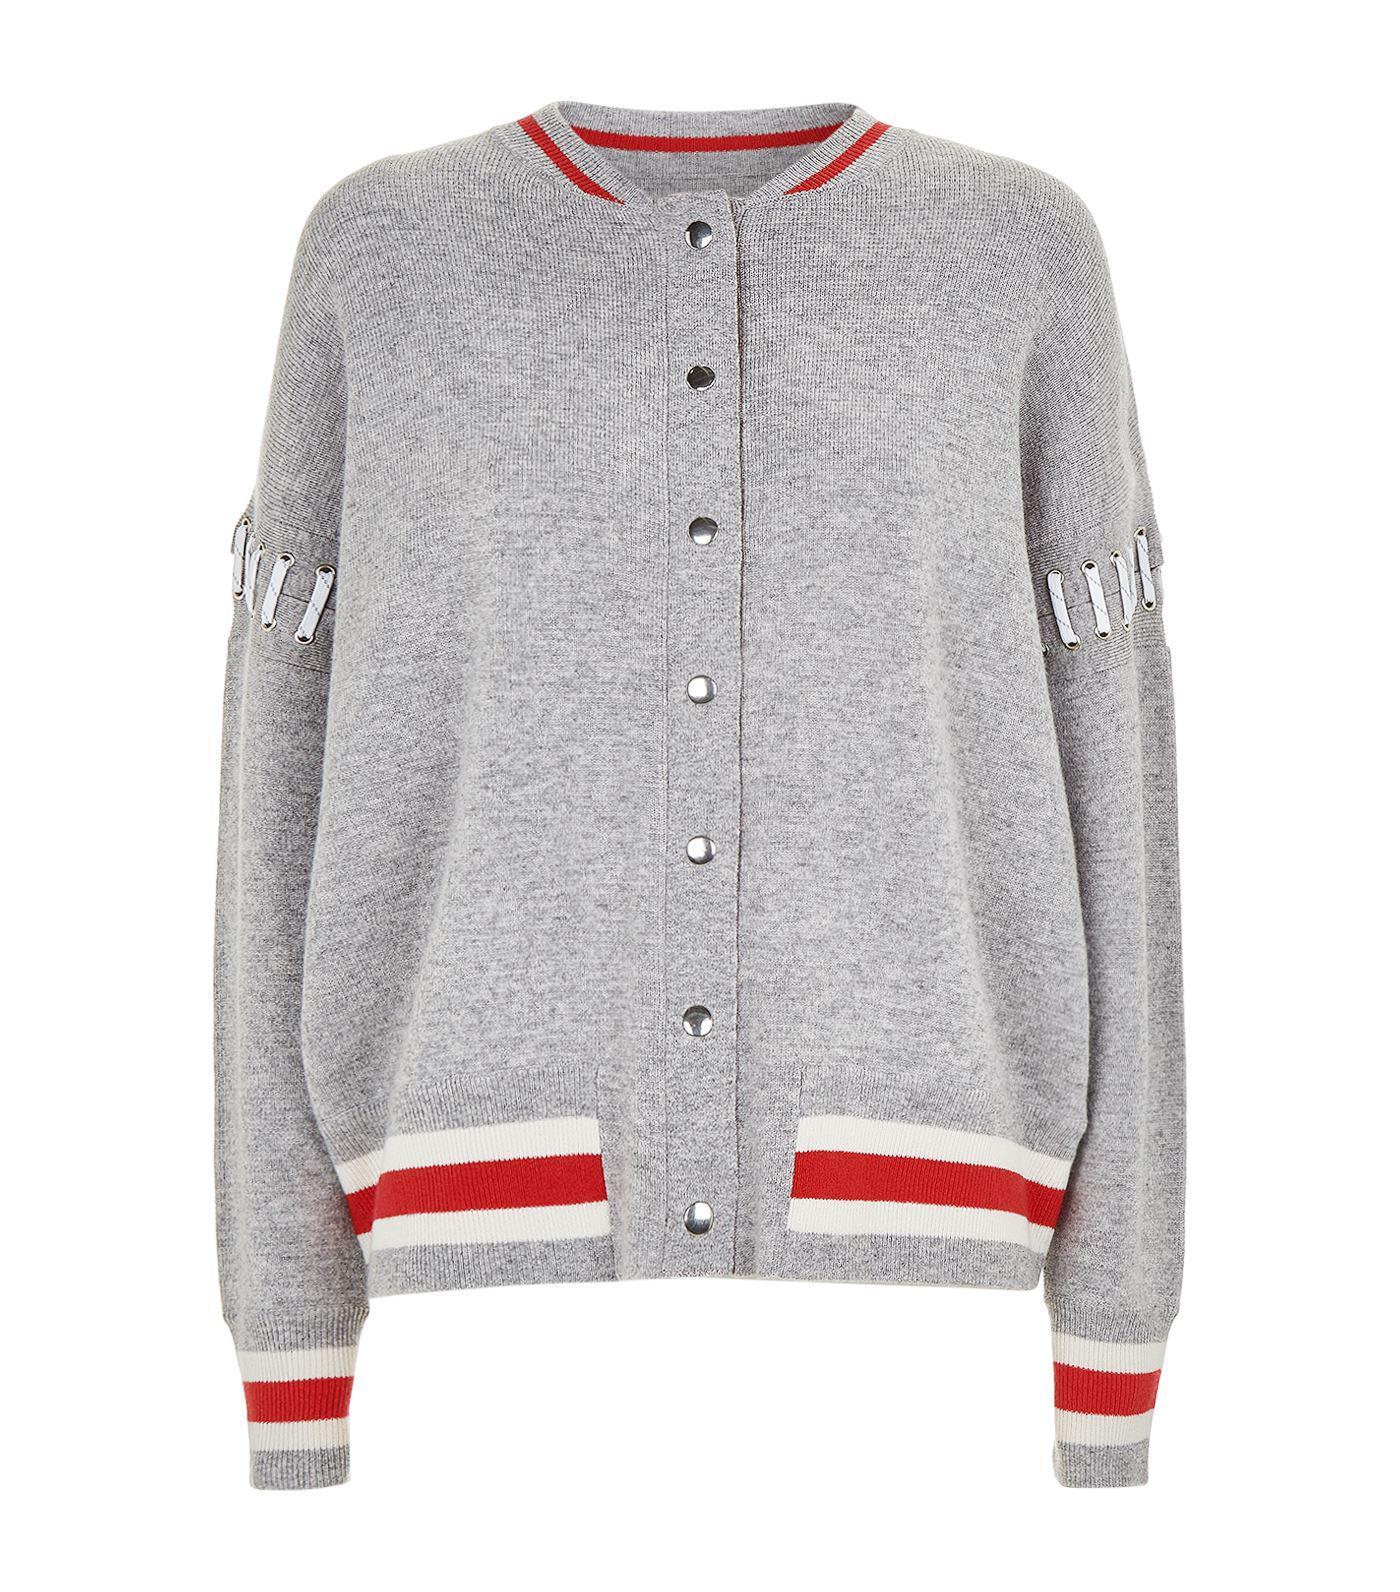 e95feeece766 Lyst - Zoe Jordan Lupi Laced Knit Bomber Jacket in Gray